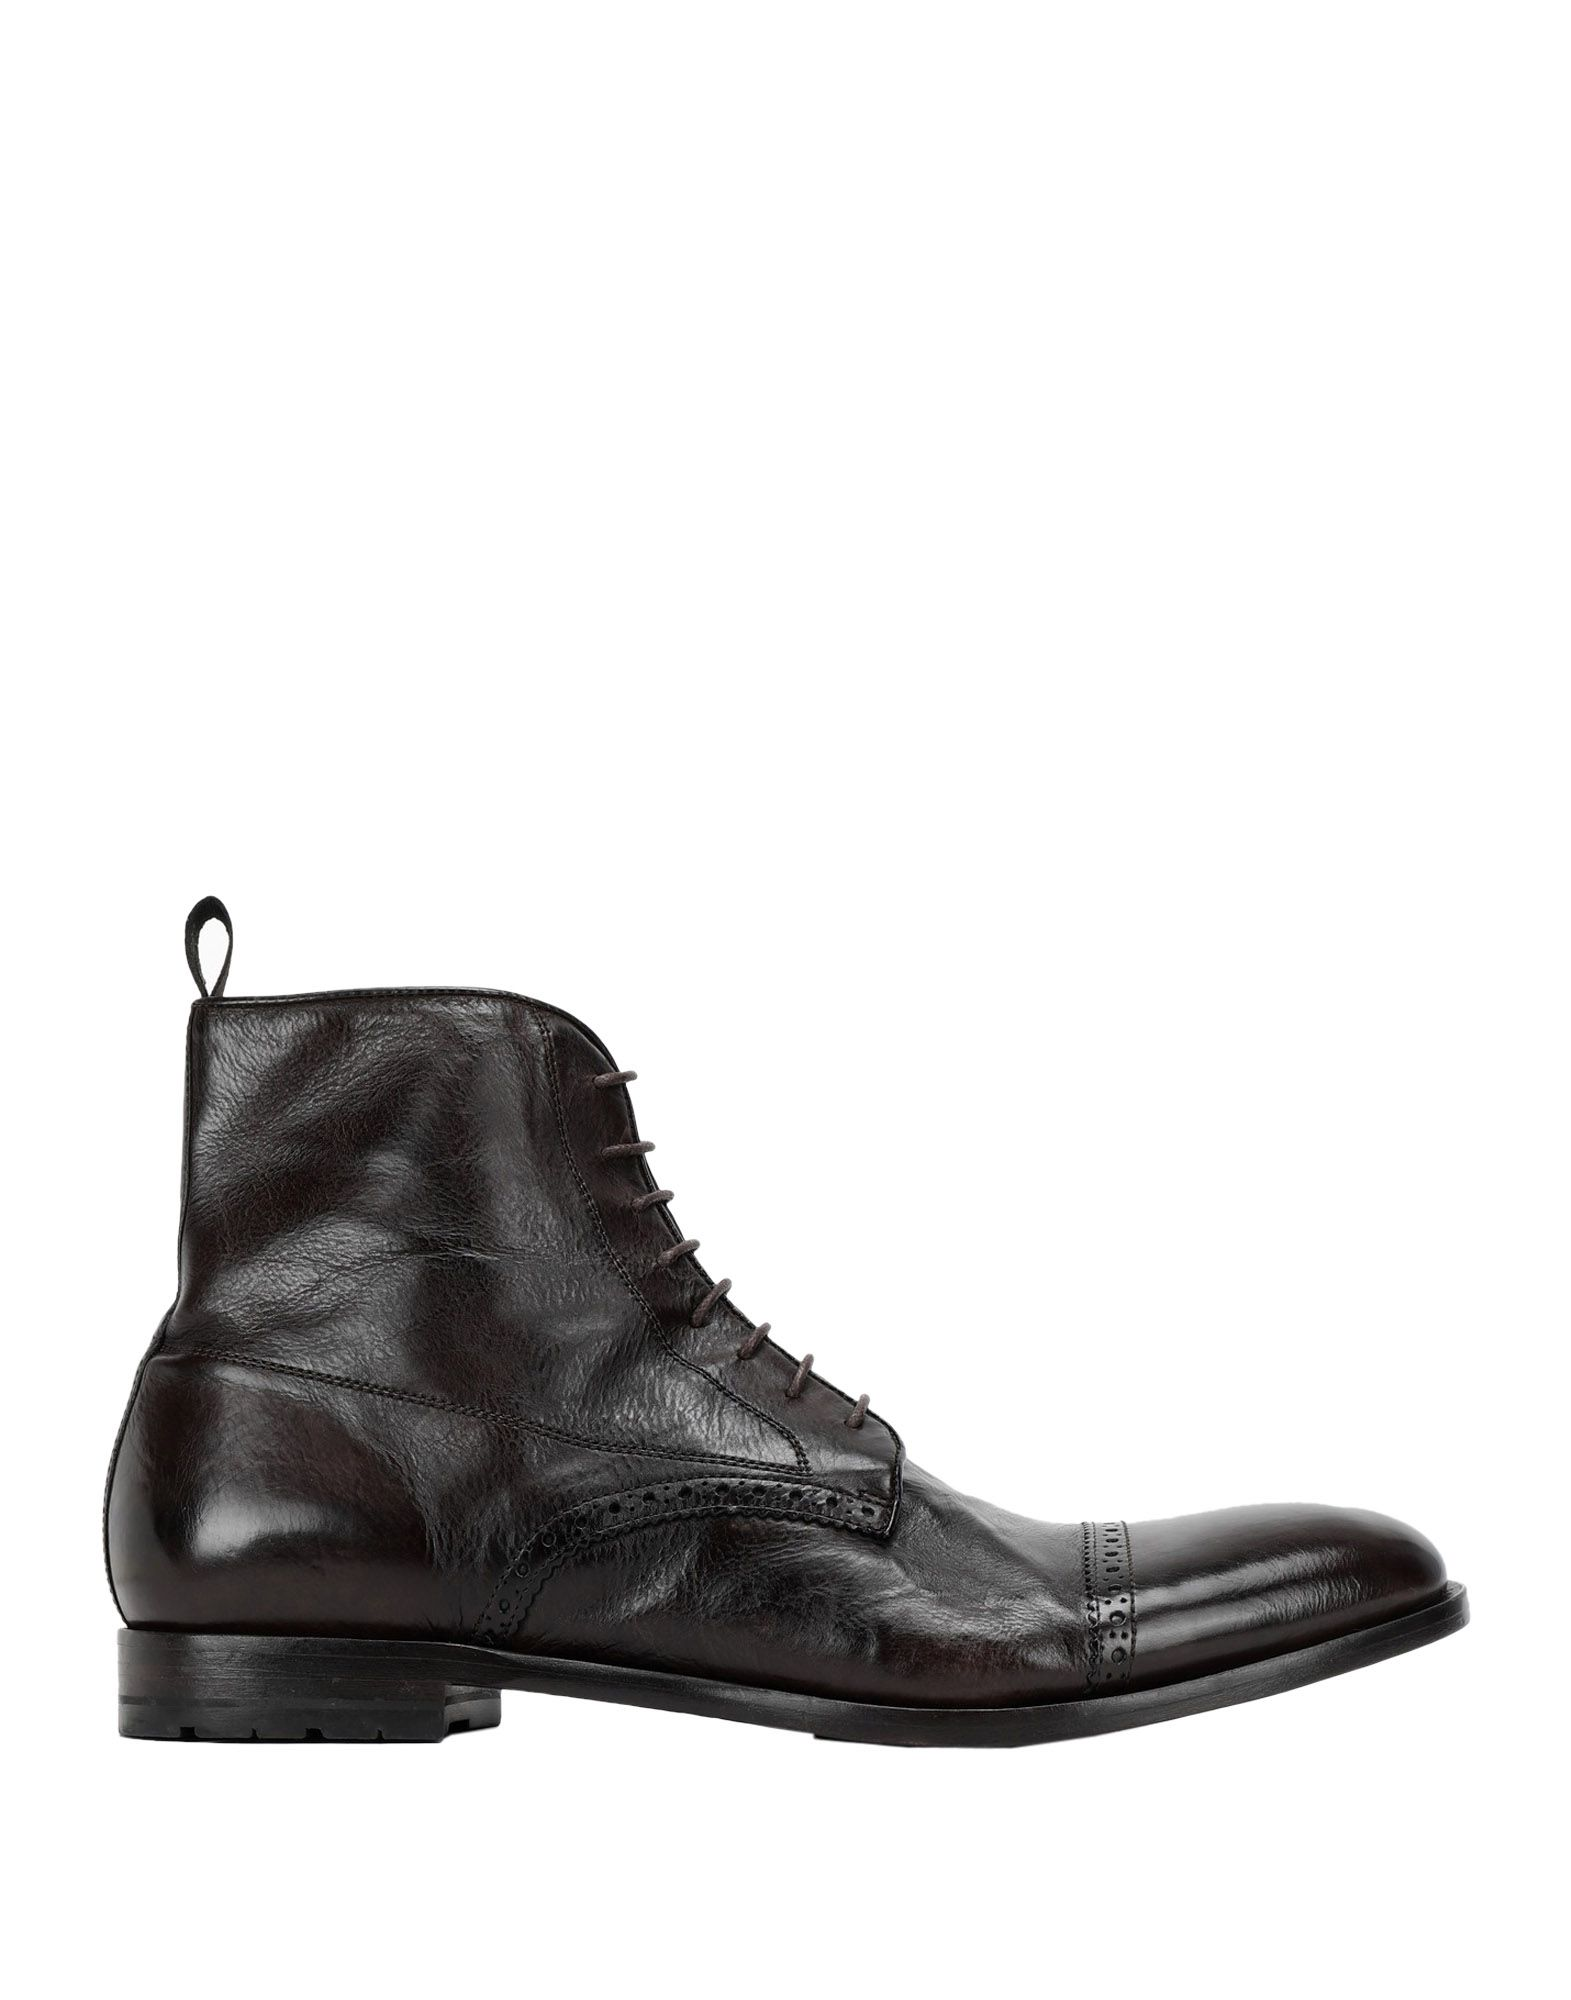 Sturlini Stiefelette Herren  11545998LT Gute Qualität beliebte Schuhe